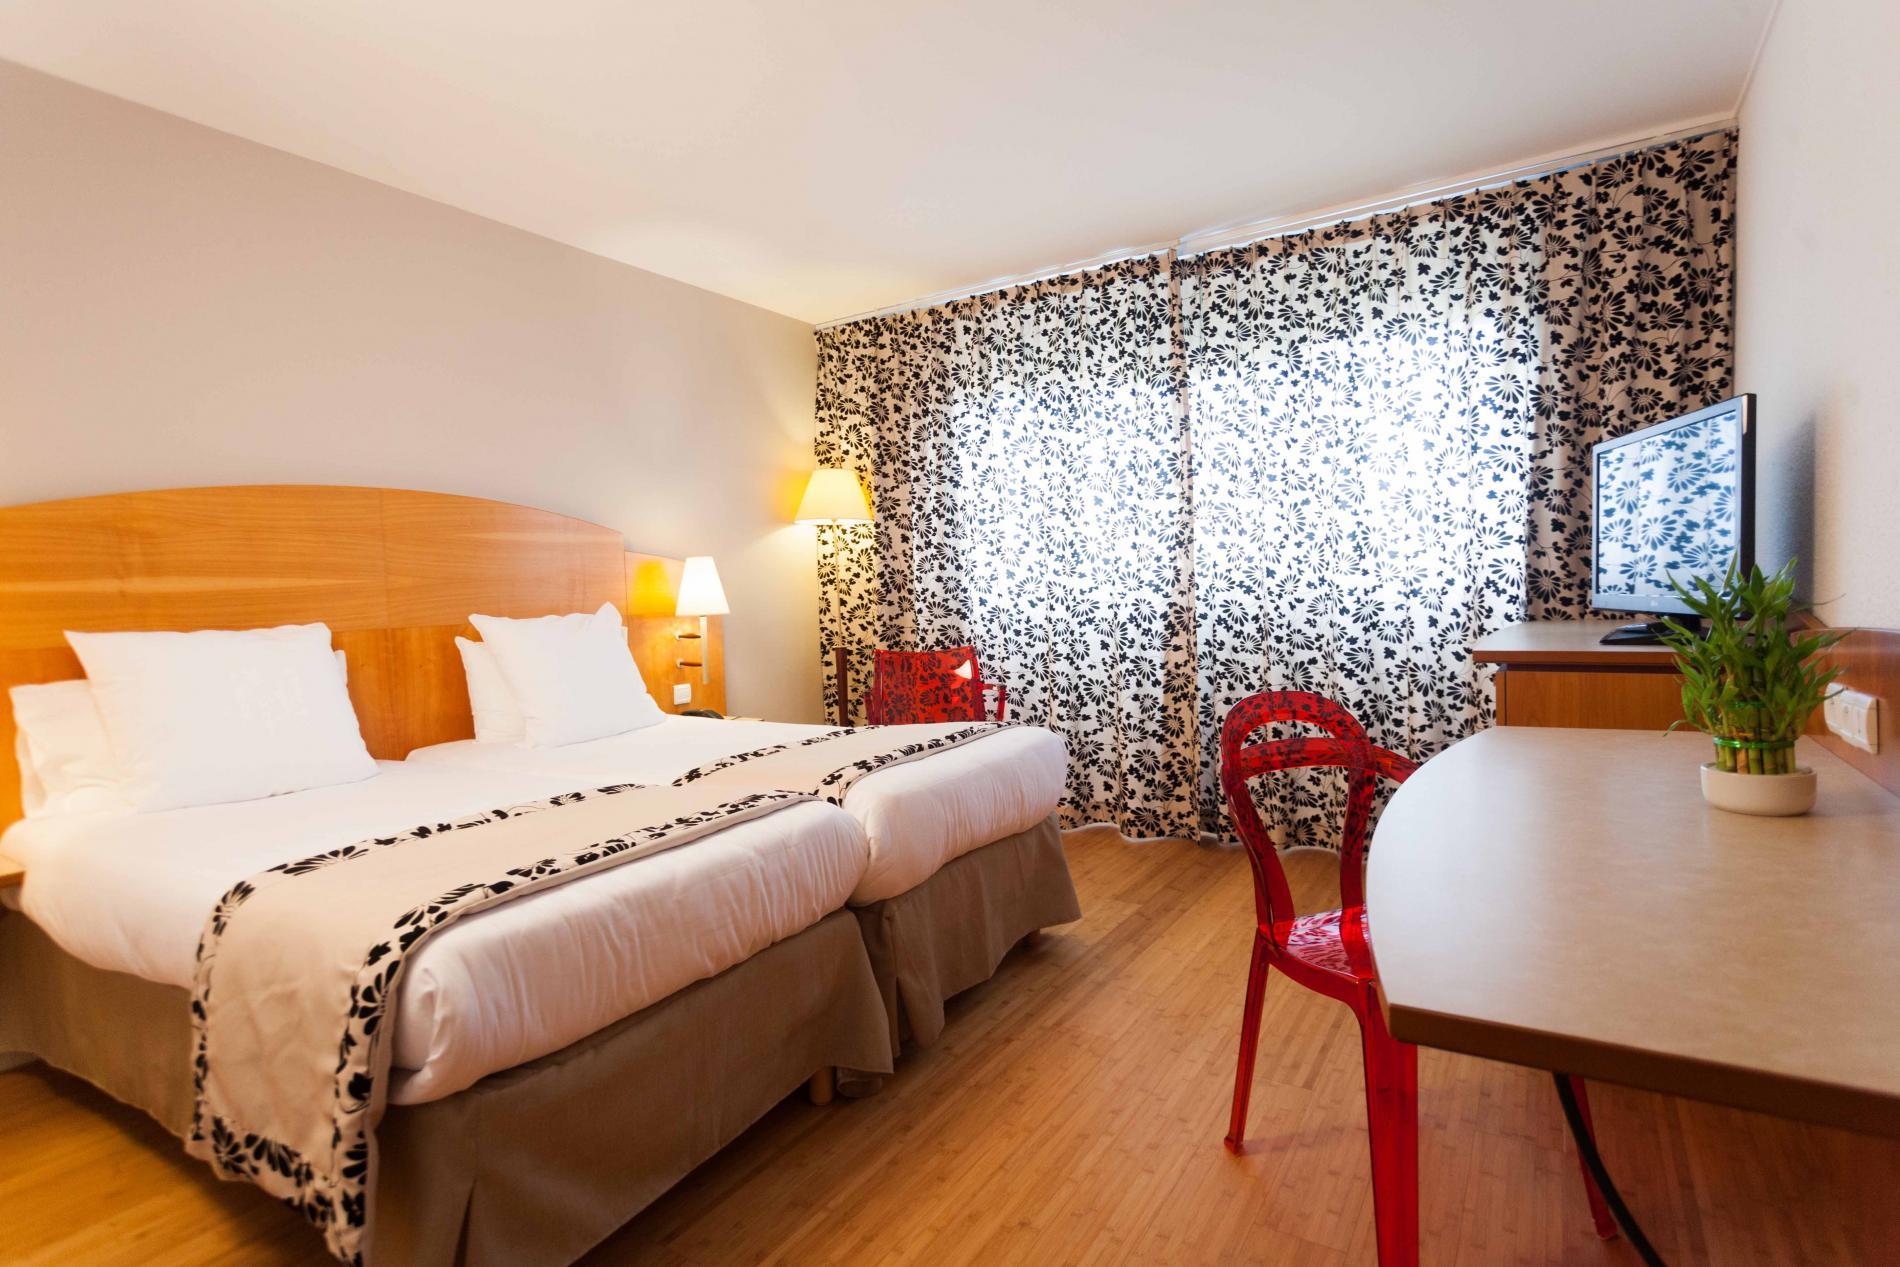 Des chambres d'hôtel 4**** spacieuses  à Nimes